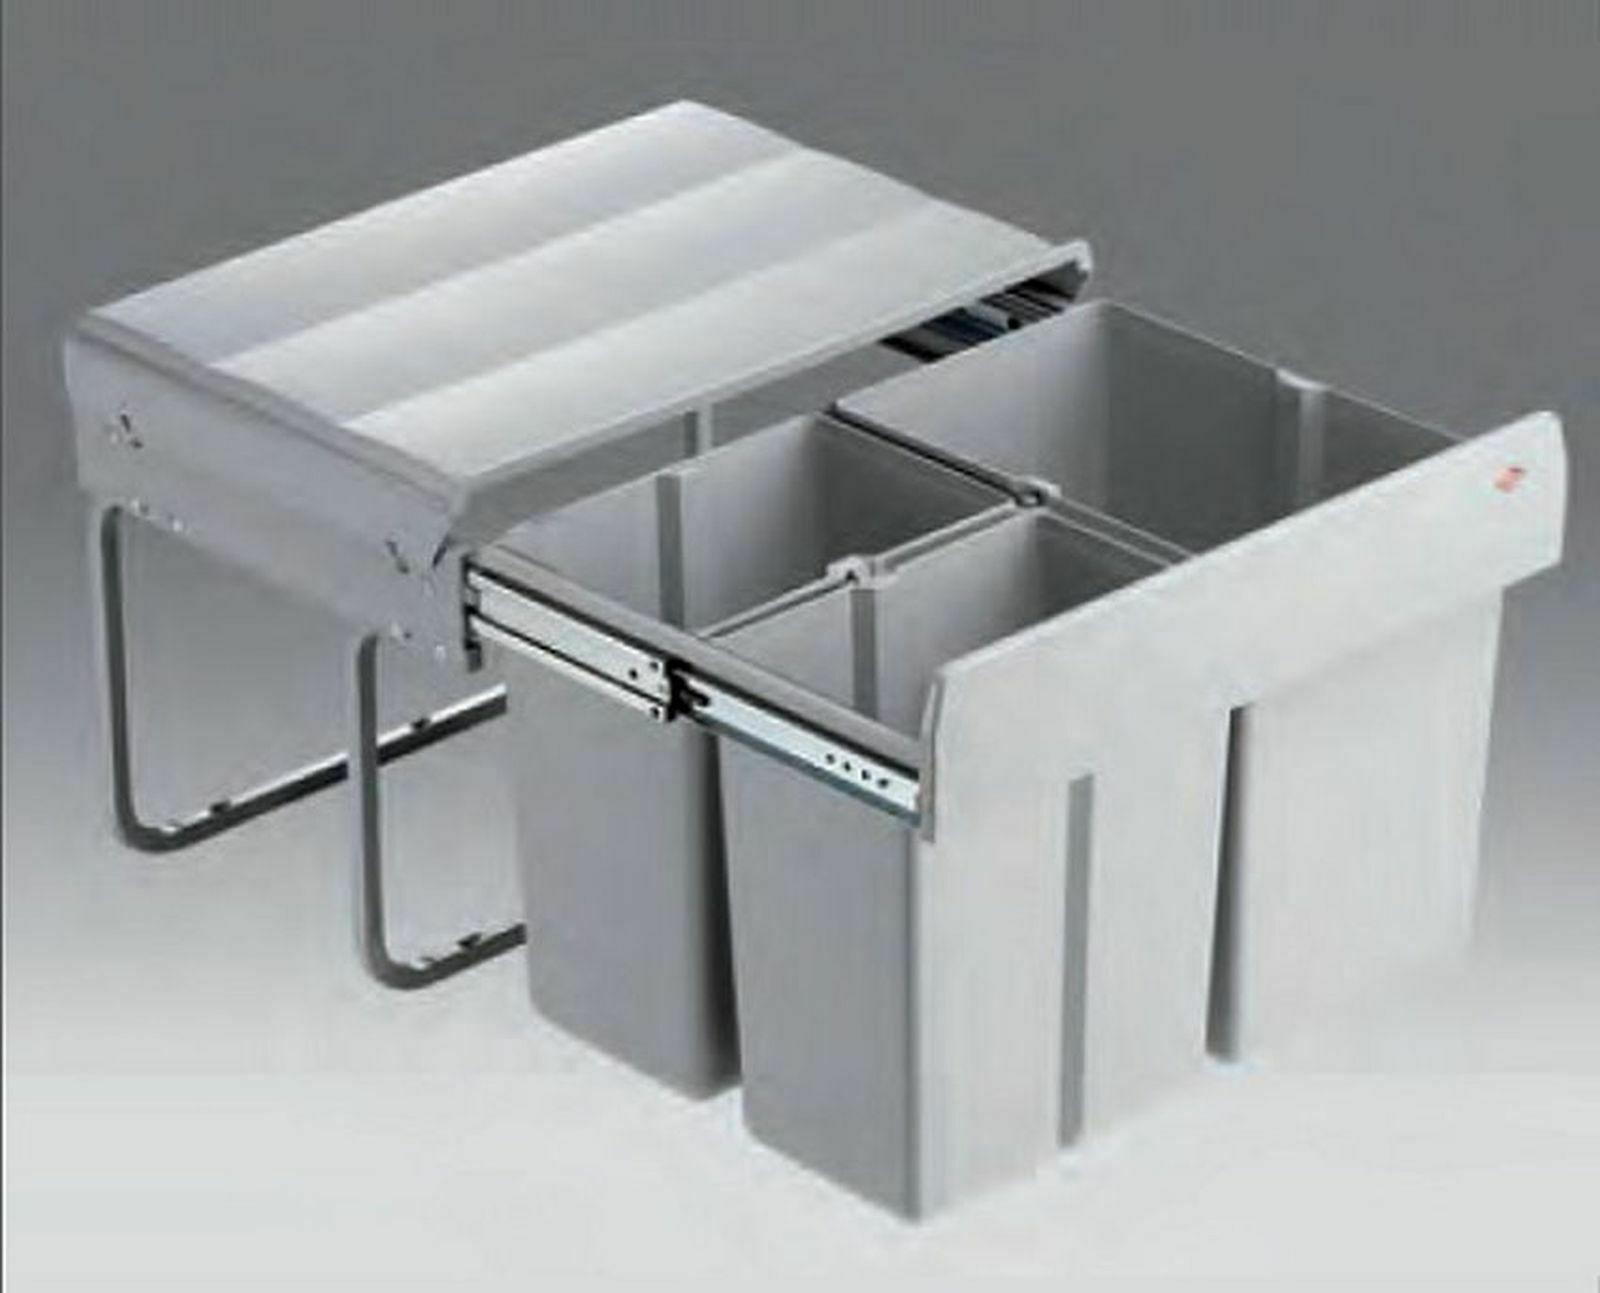 Einbau Mülleimer Küche 30 L Wesco Müllsystem Mülltrenner Bio ...